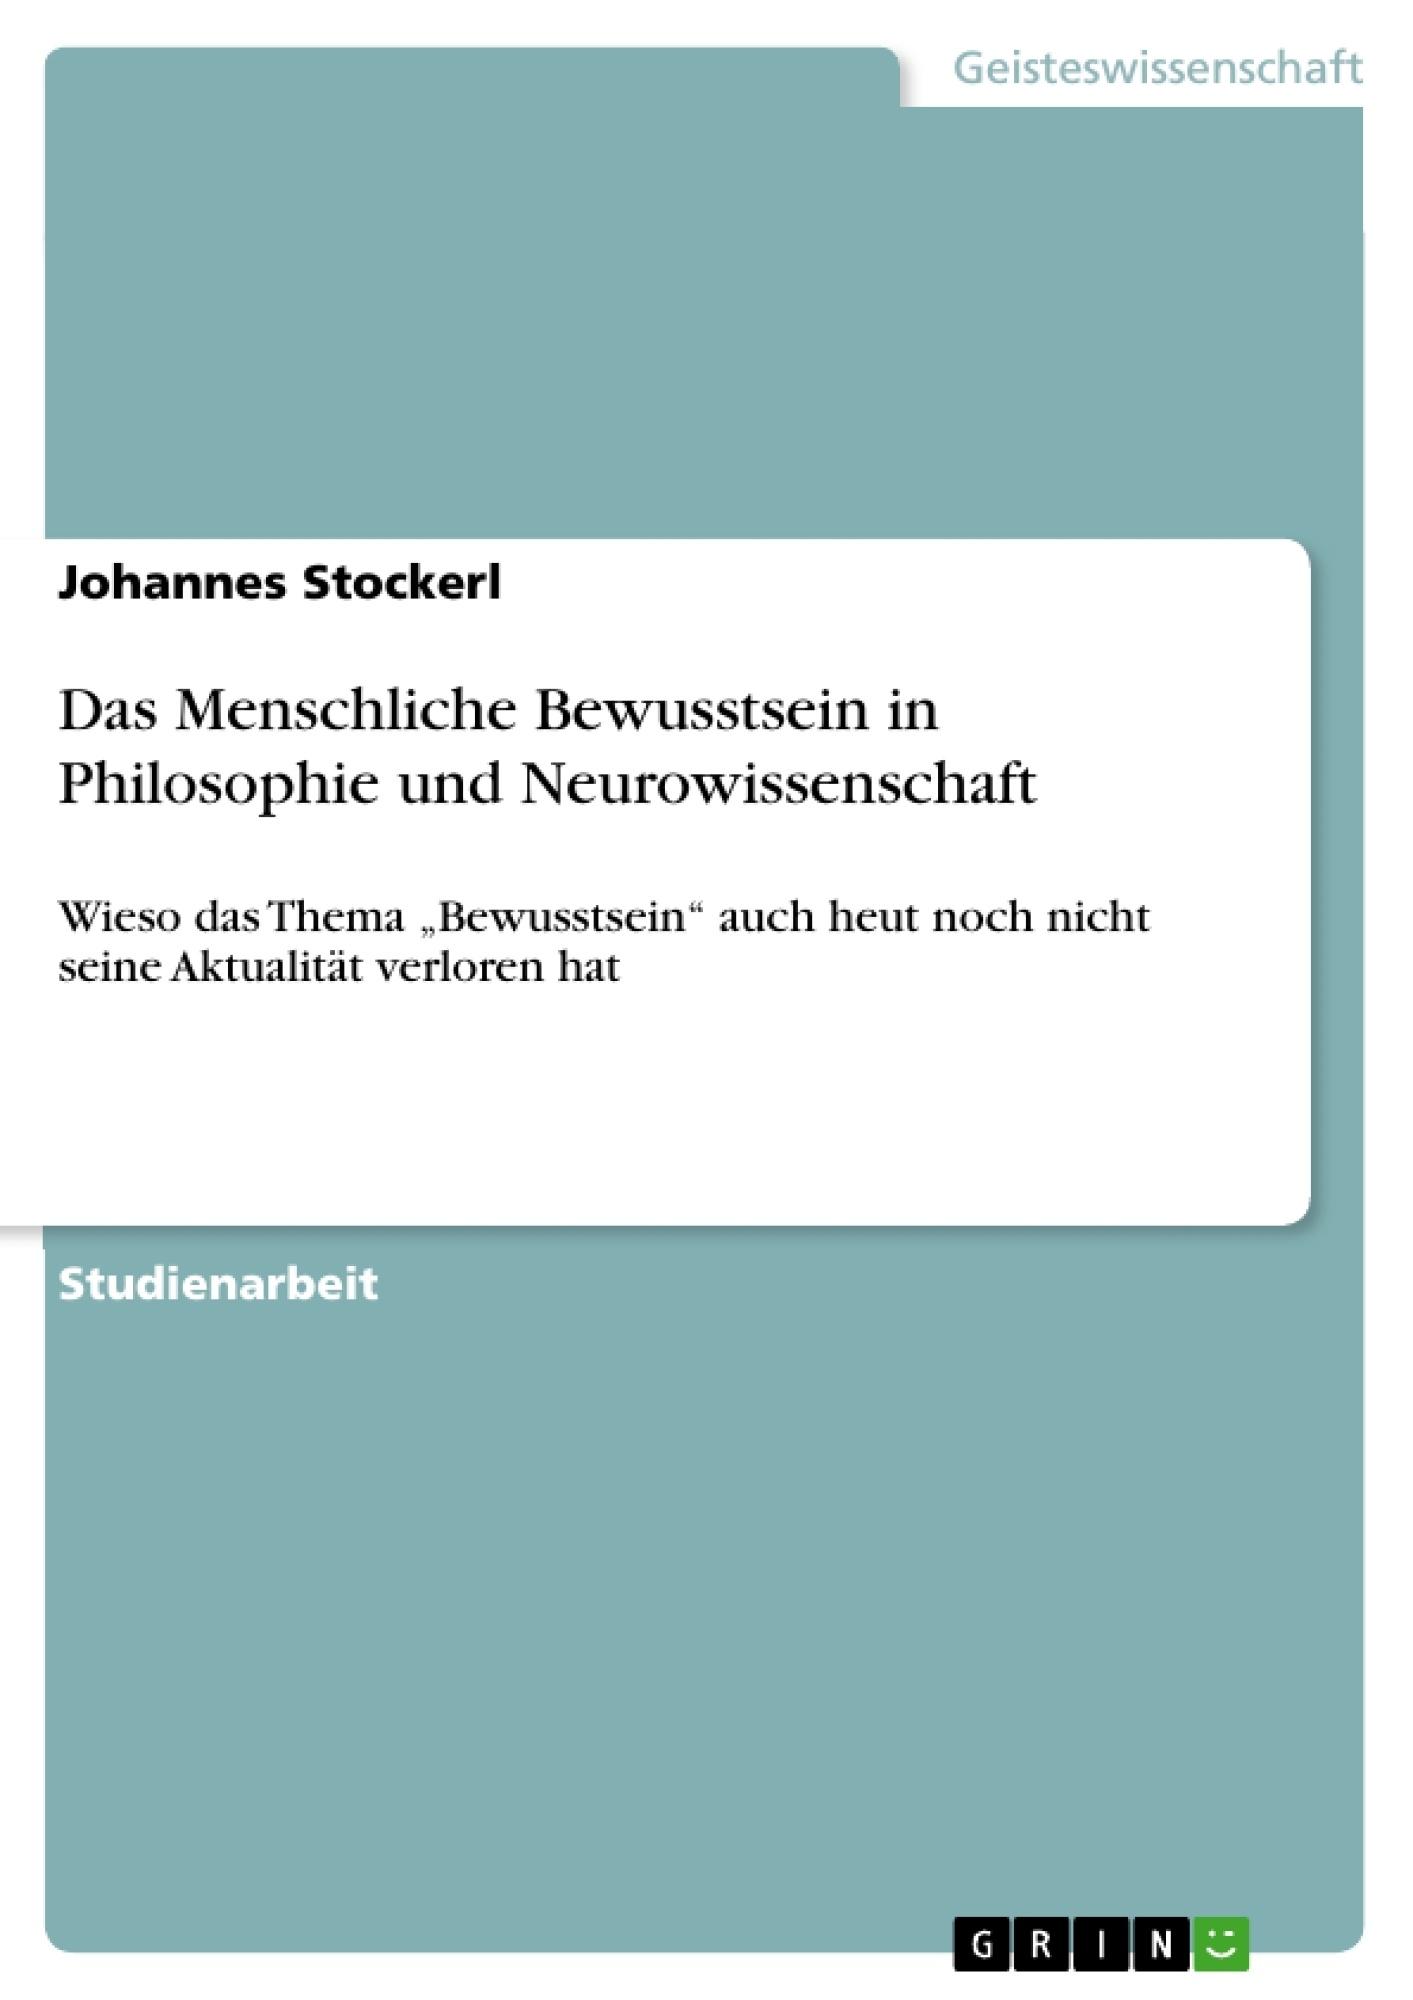 Titel: Das Menschliche Bewusstsein in Philosophie und Neurowissenschaft